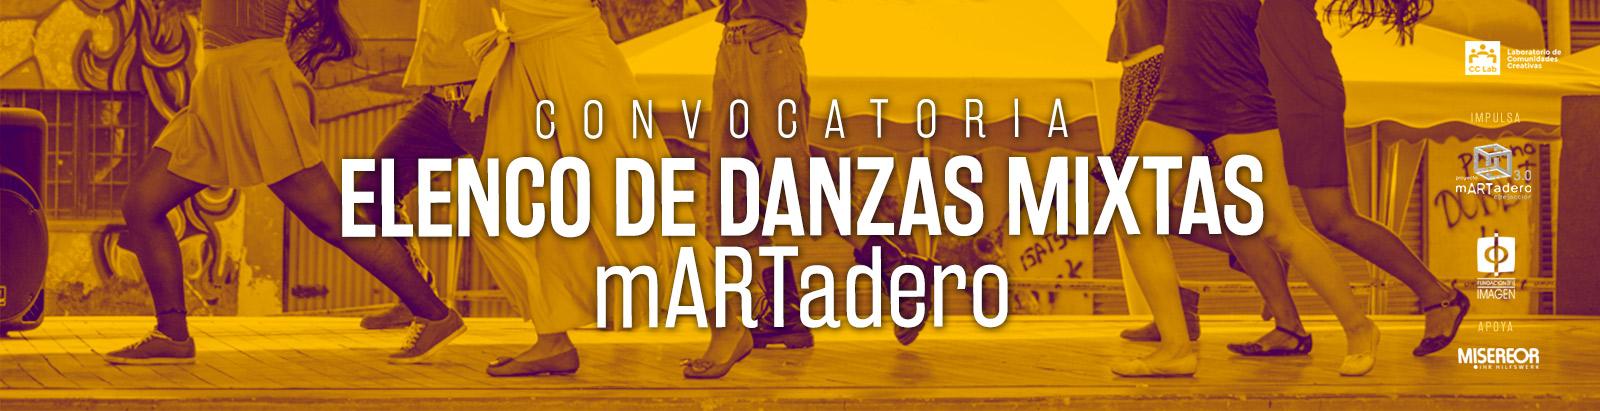 Convocatoria Elenco de Danzas Mixtas